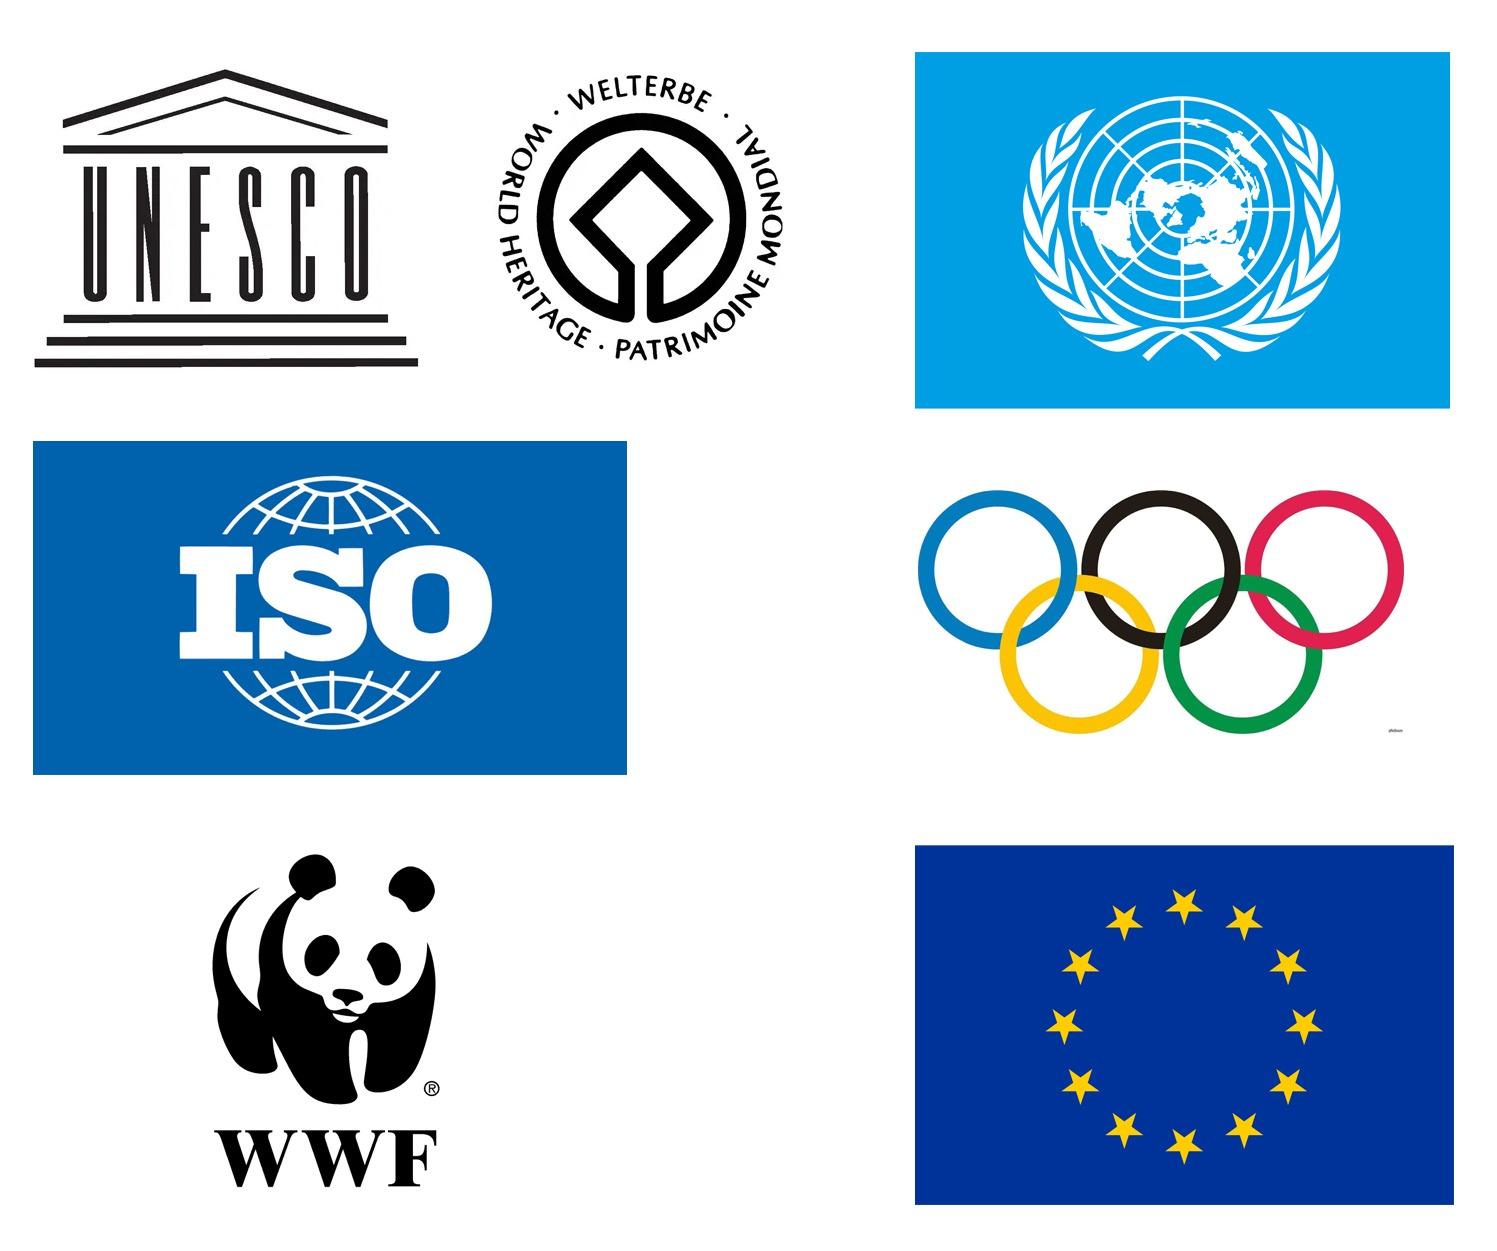 Примеры международной символики, охраняемой Парижской конвенцией по охране промышленной собственности